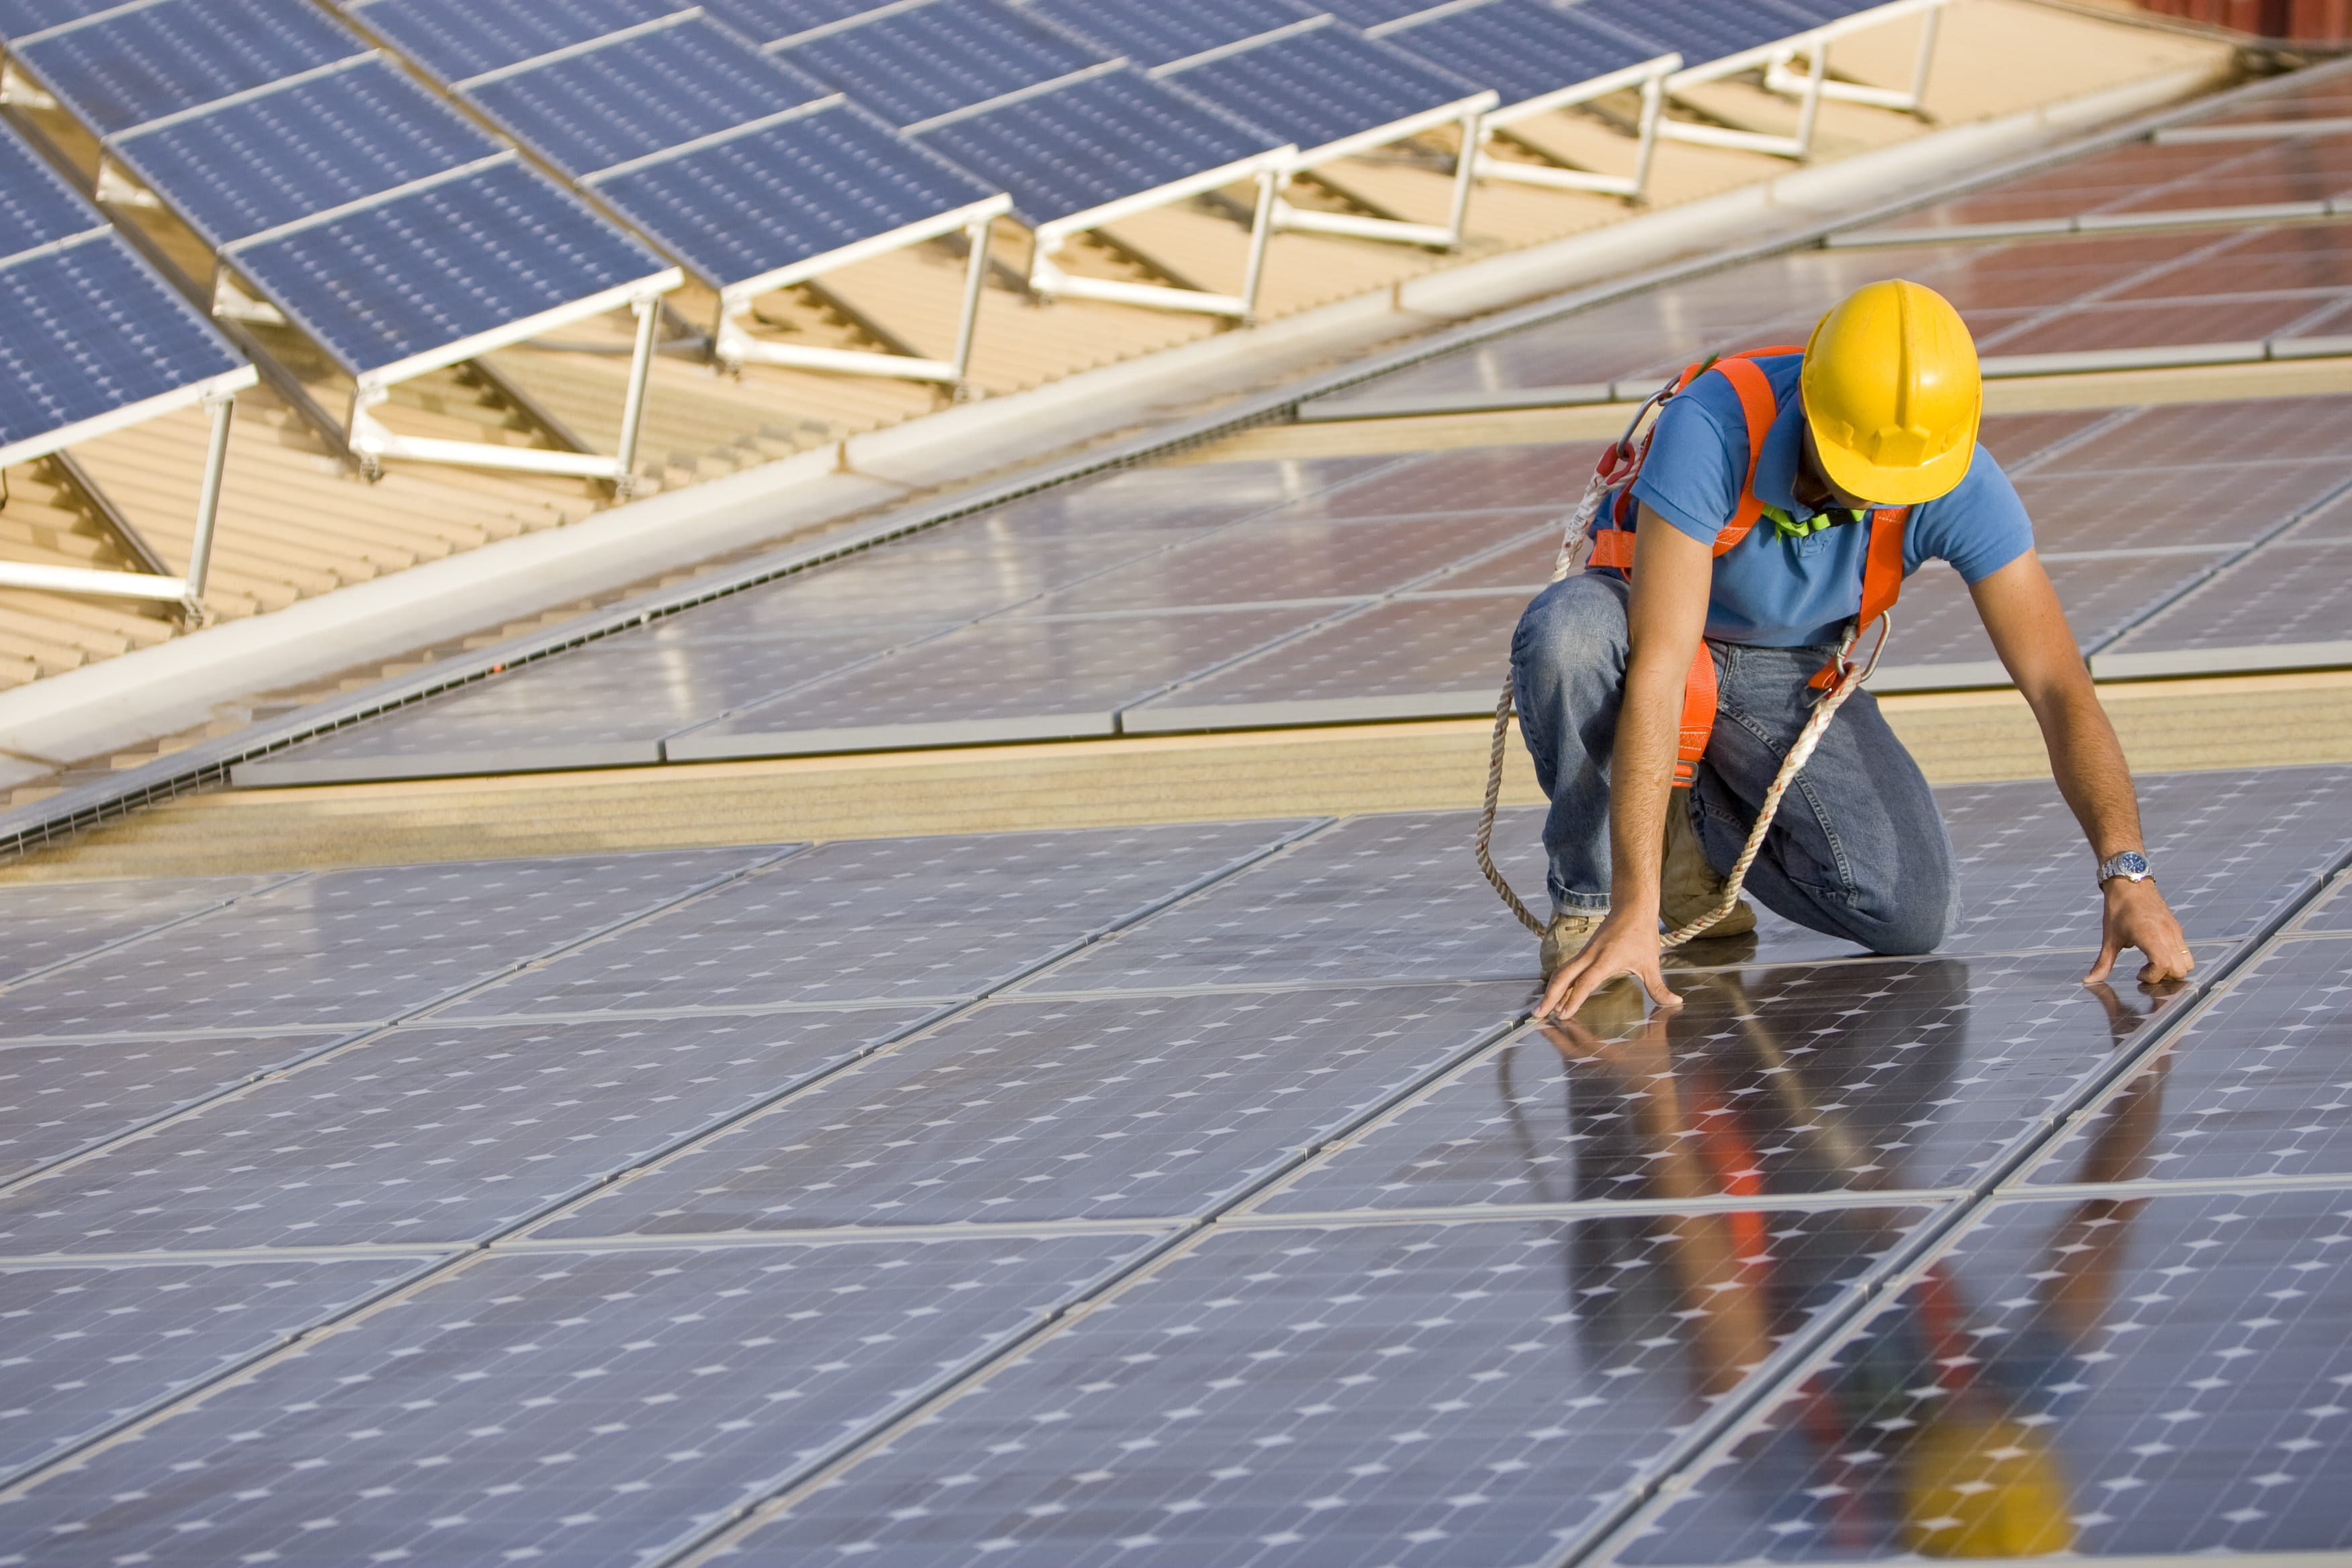 Réparation panneau solaire